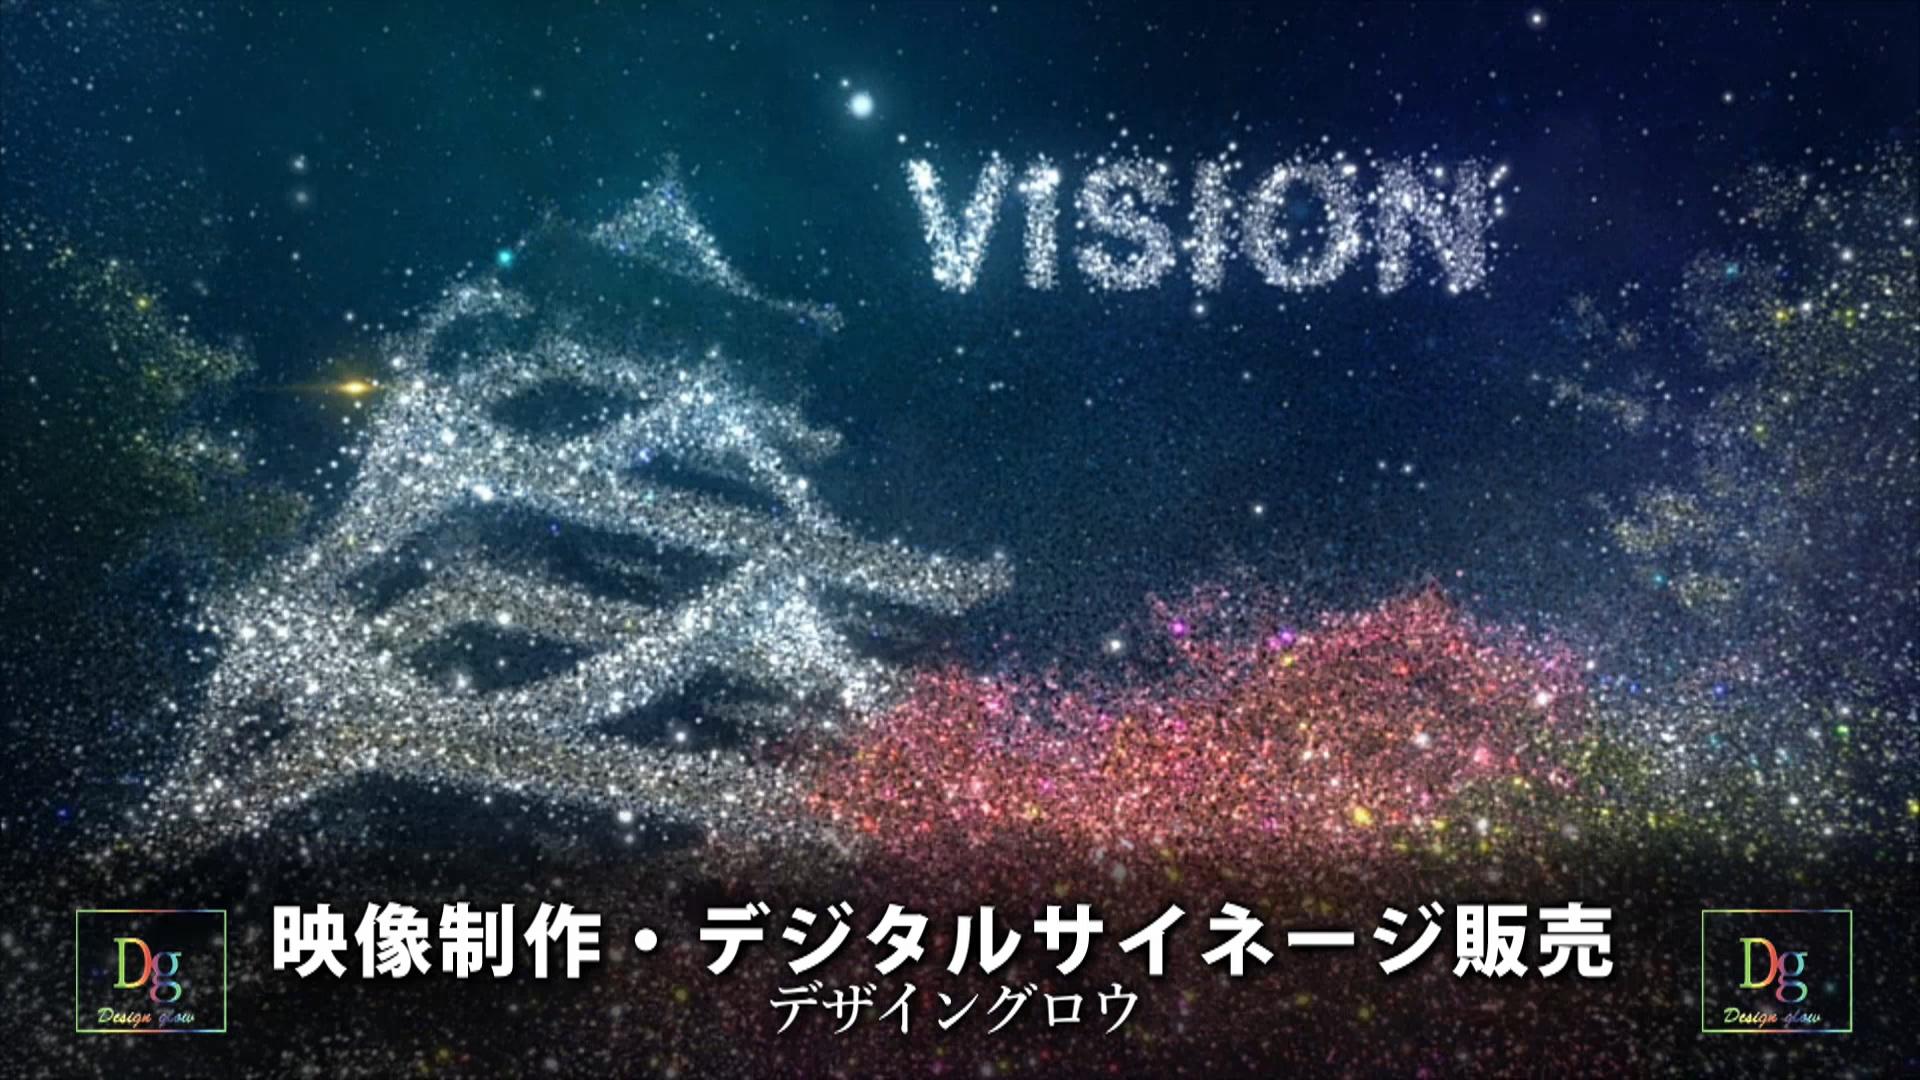 「デザイングロウ」様_街頭大型ビジョンCM